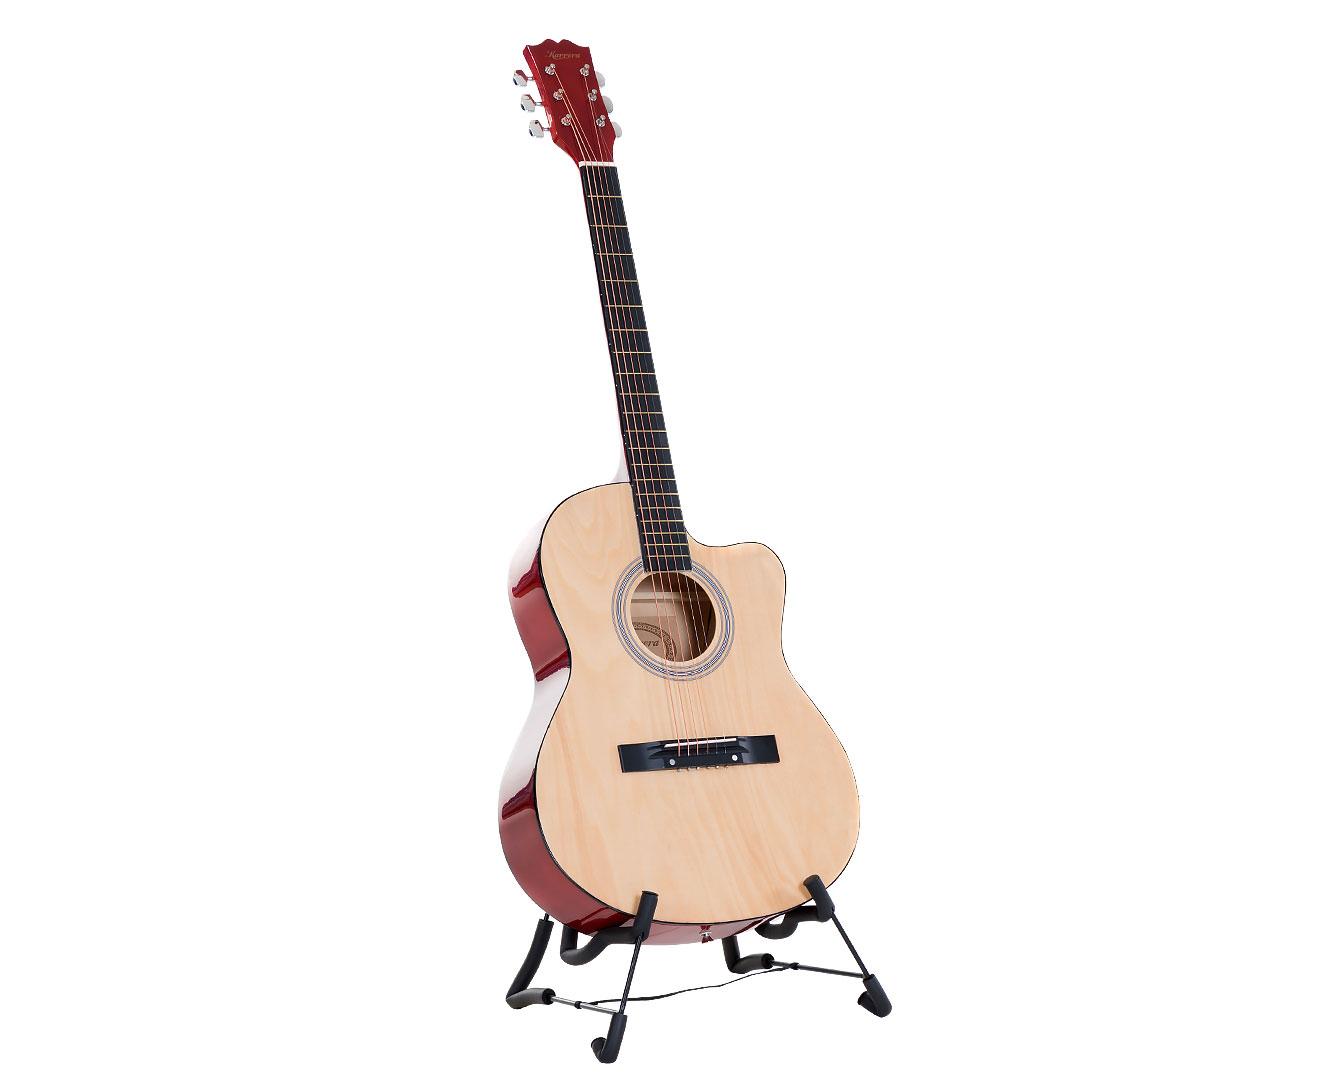 Karrera Acoustic Cutaway 40in Guitar - Natural